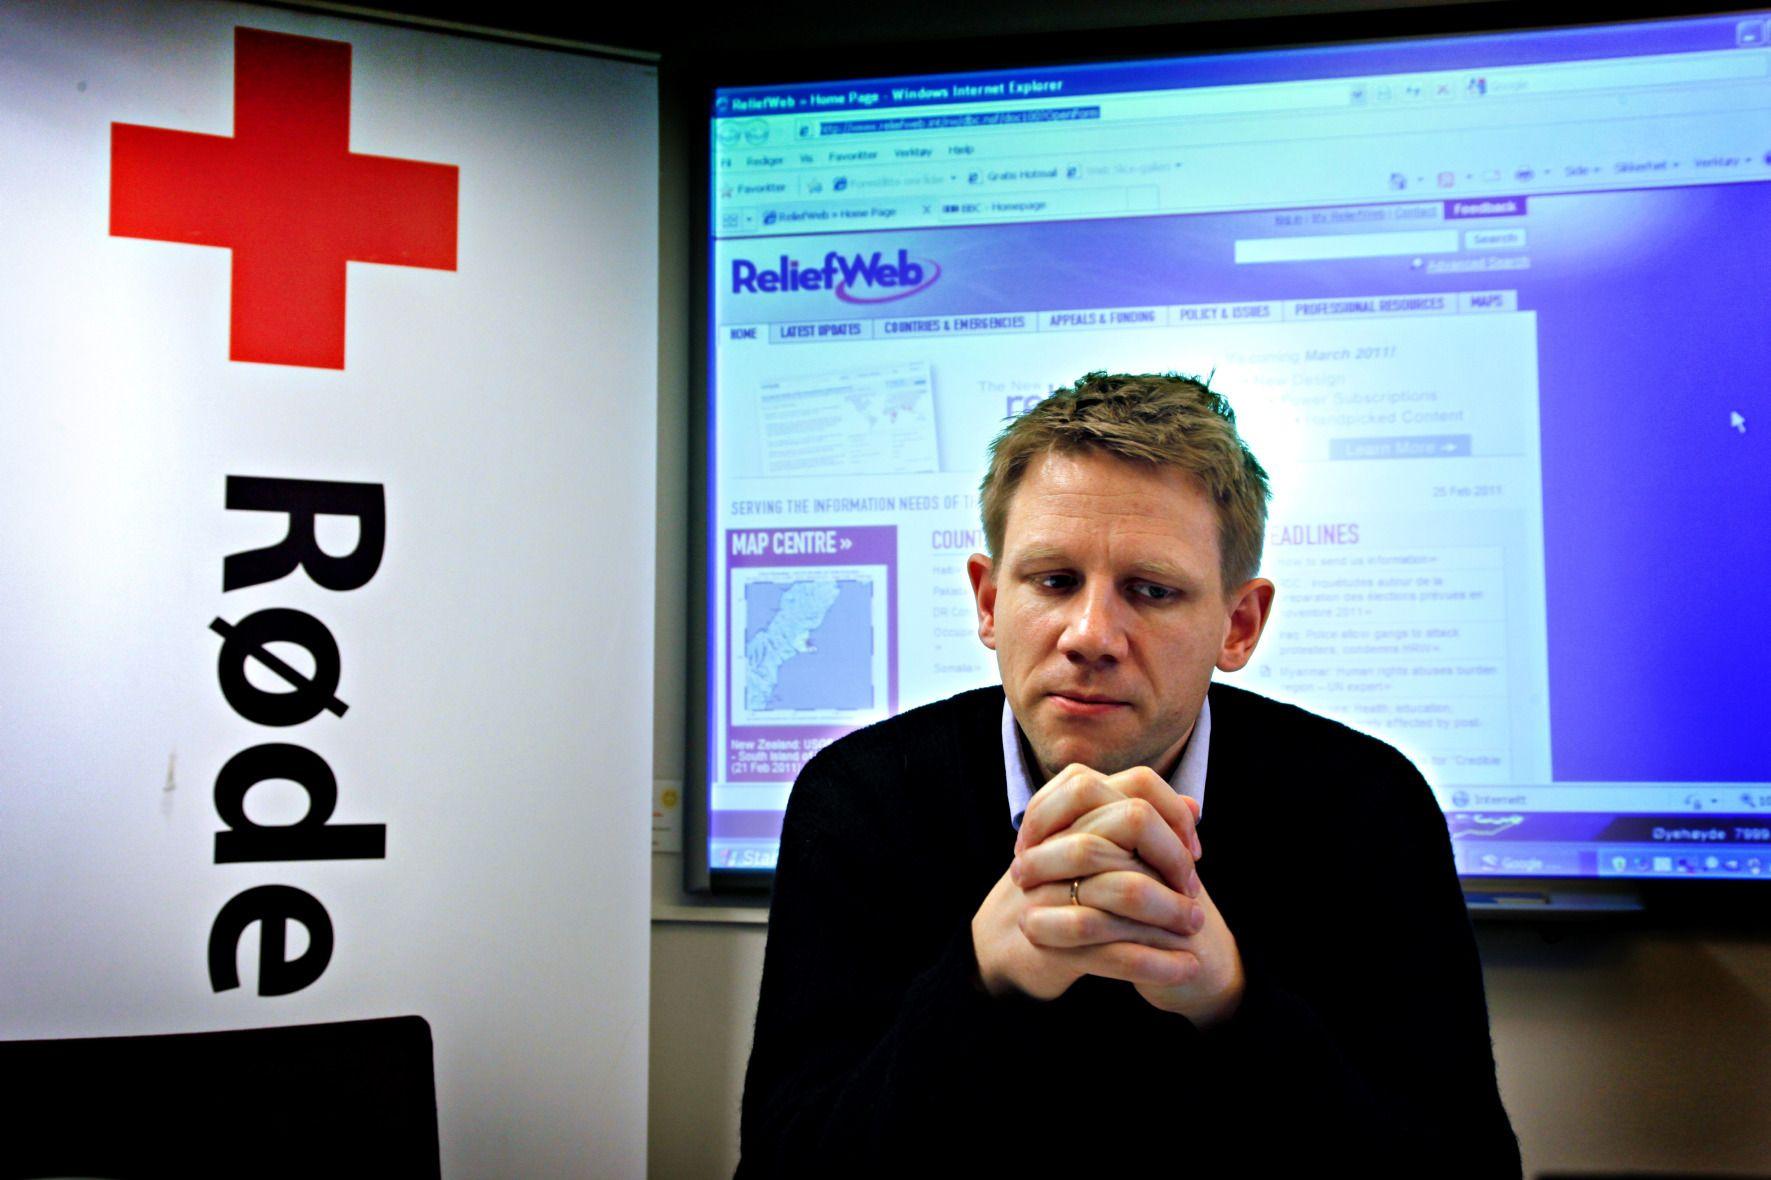 9ff648d7 BEKLAGER: Tørris Jæger er utenlandssjef i Norges Røde Kors. Foto: Katrine  Nordli/Aftenposten.